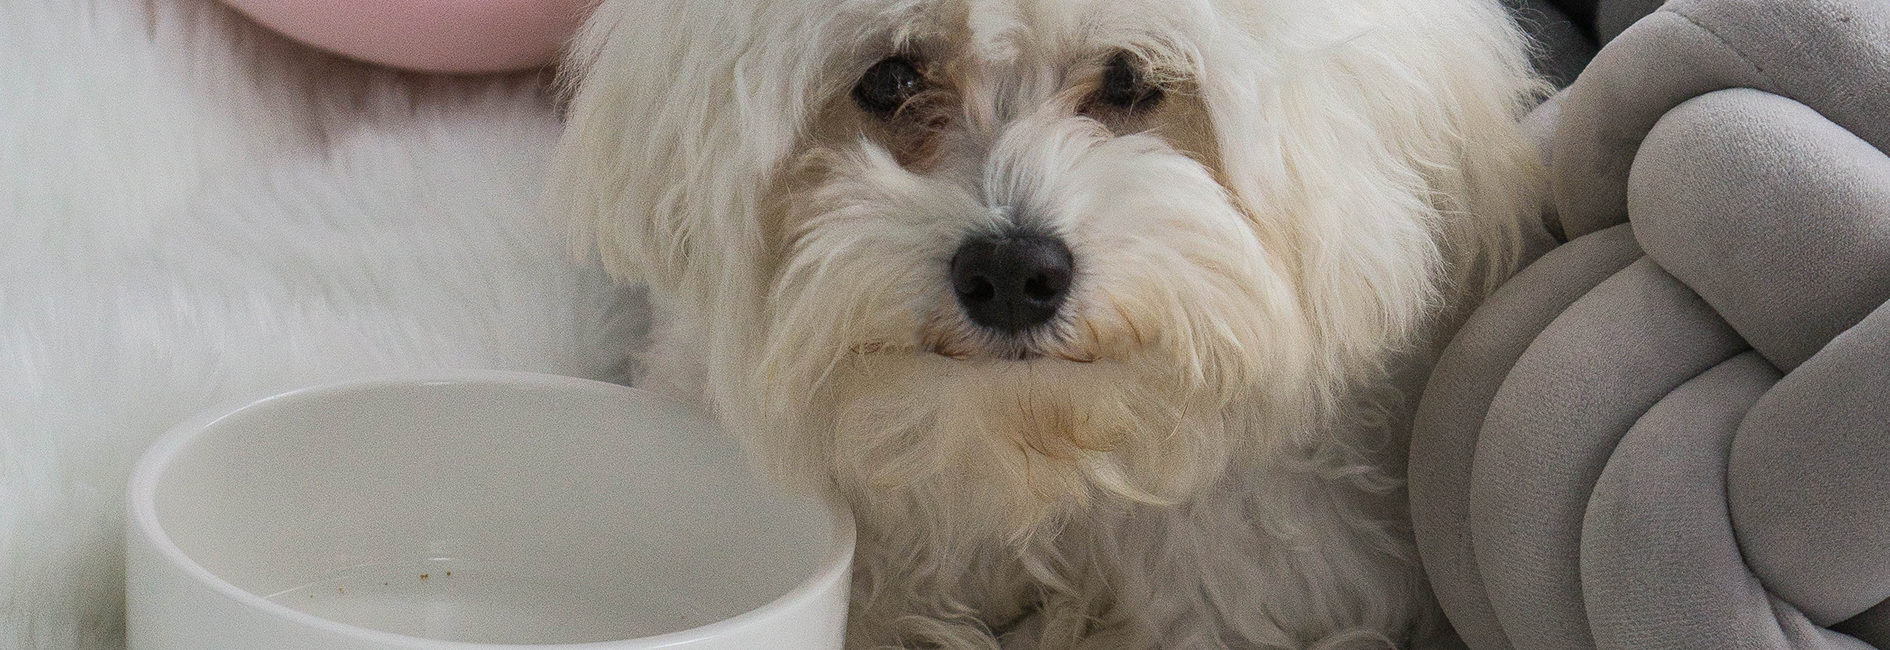 Hundsverliebt-der personalisierte Napf mit dem Namen deines Hundes